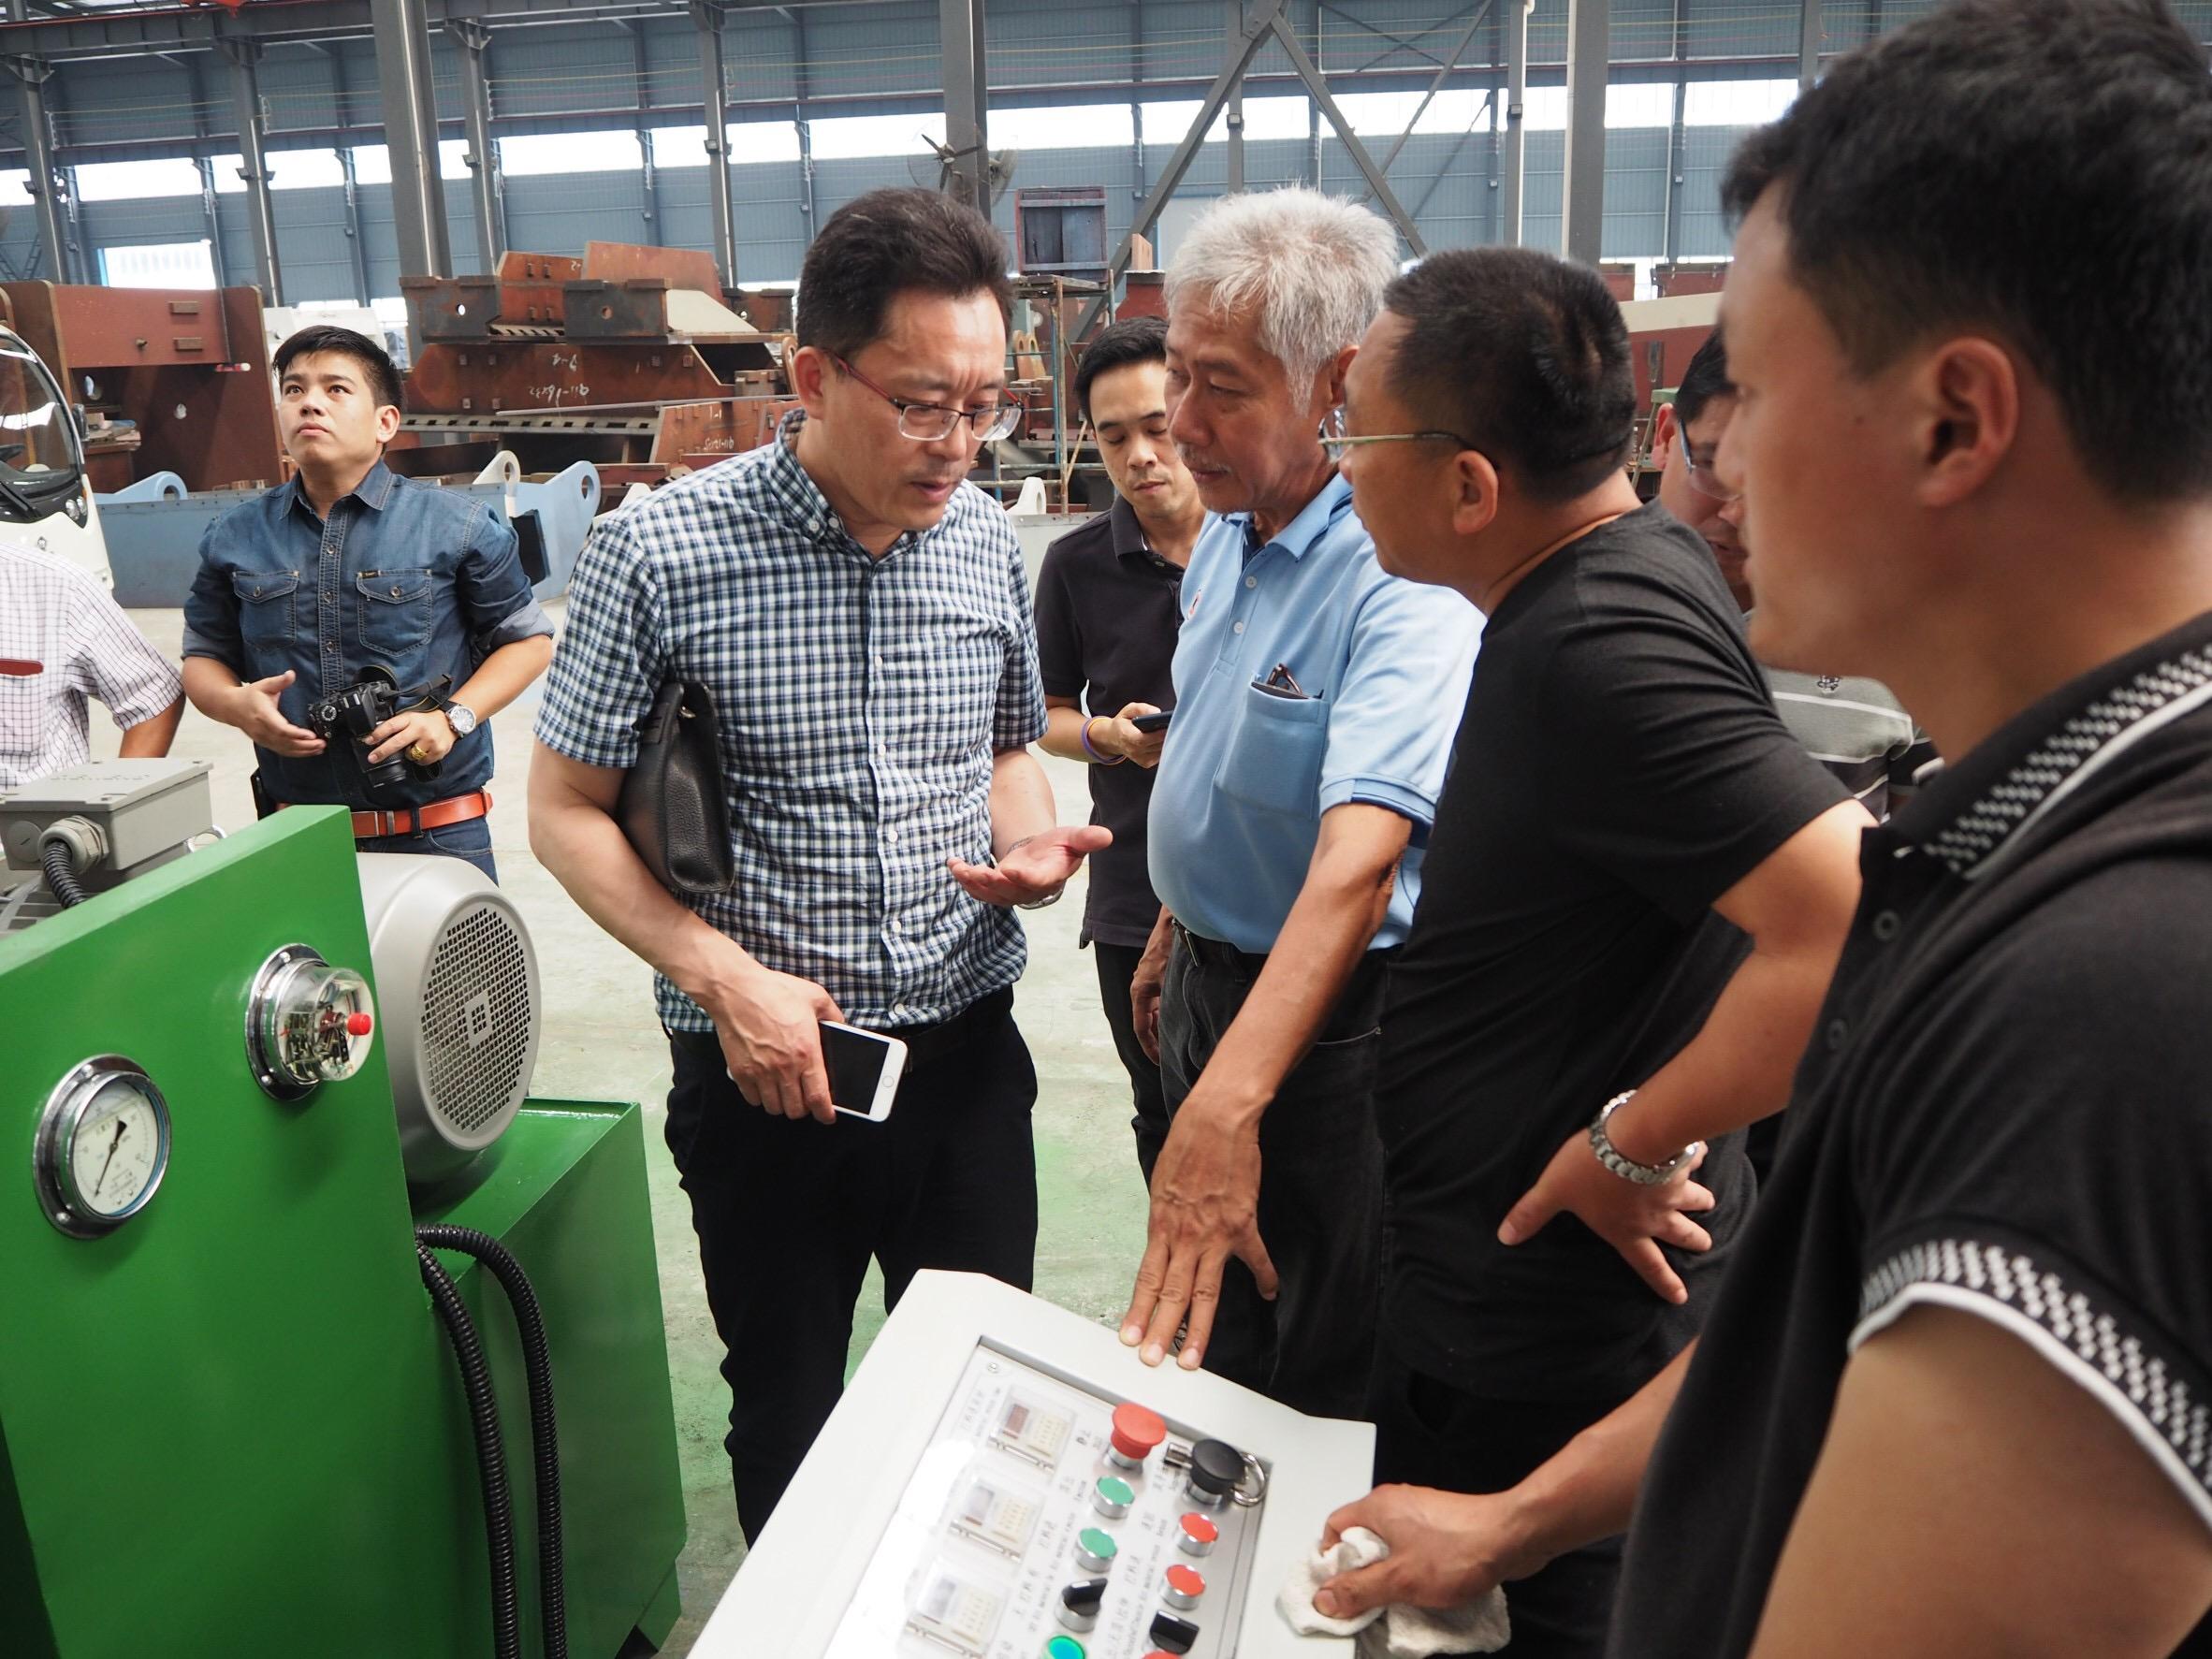 IITGroup นำลูกค้าตรวจเช็คและเยี่ยมชมโรงงานผลิต ณ ประเทศจีน